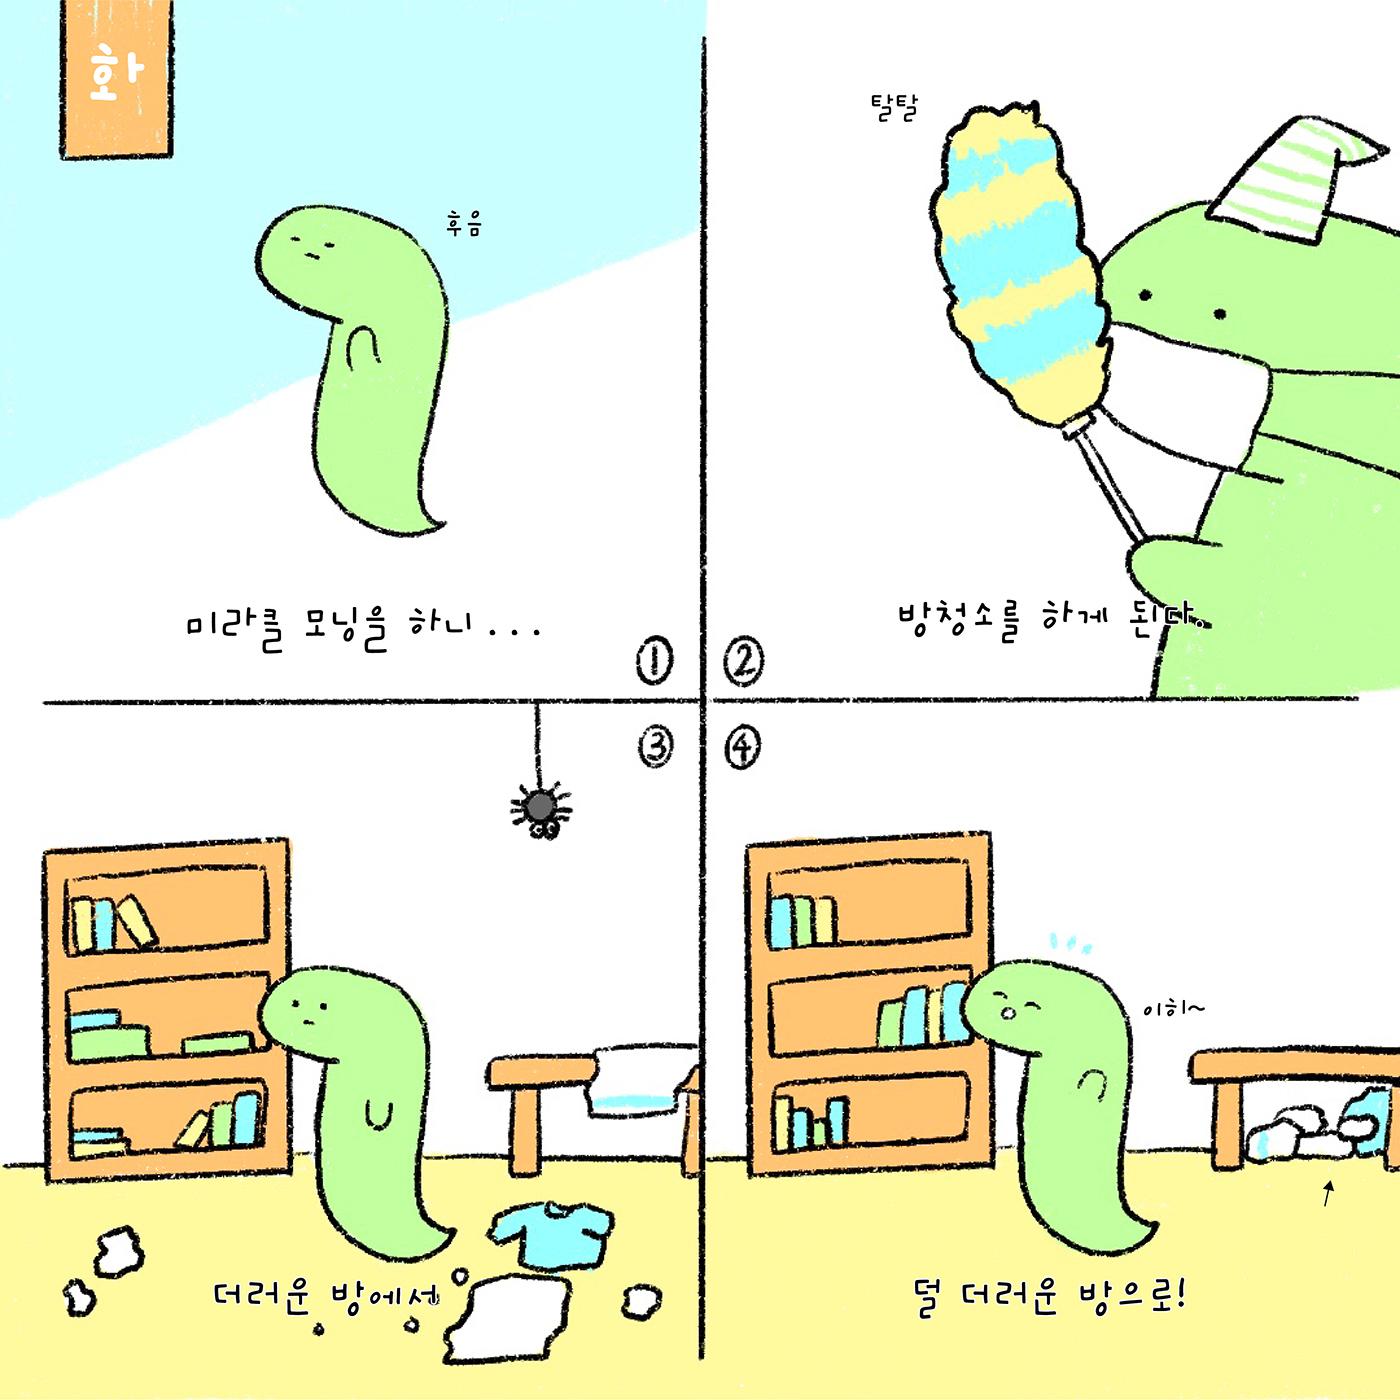 블루_인스타툰_치리의칠일챌린지-05.jpg